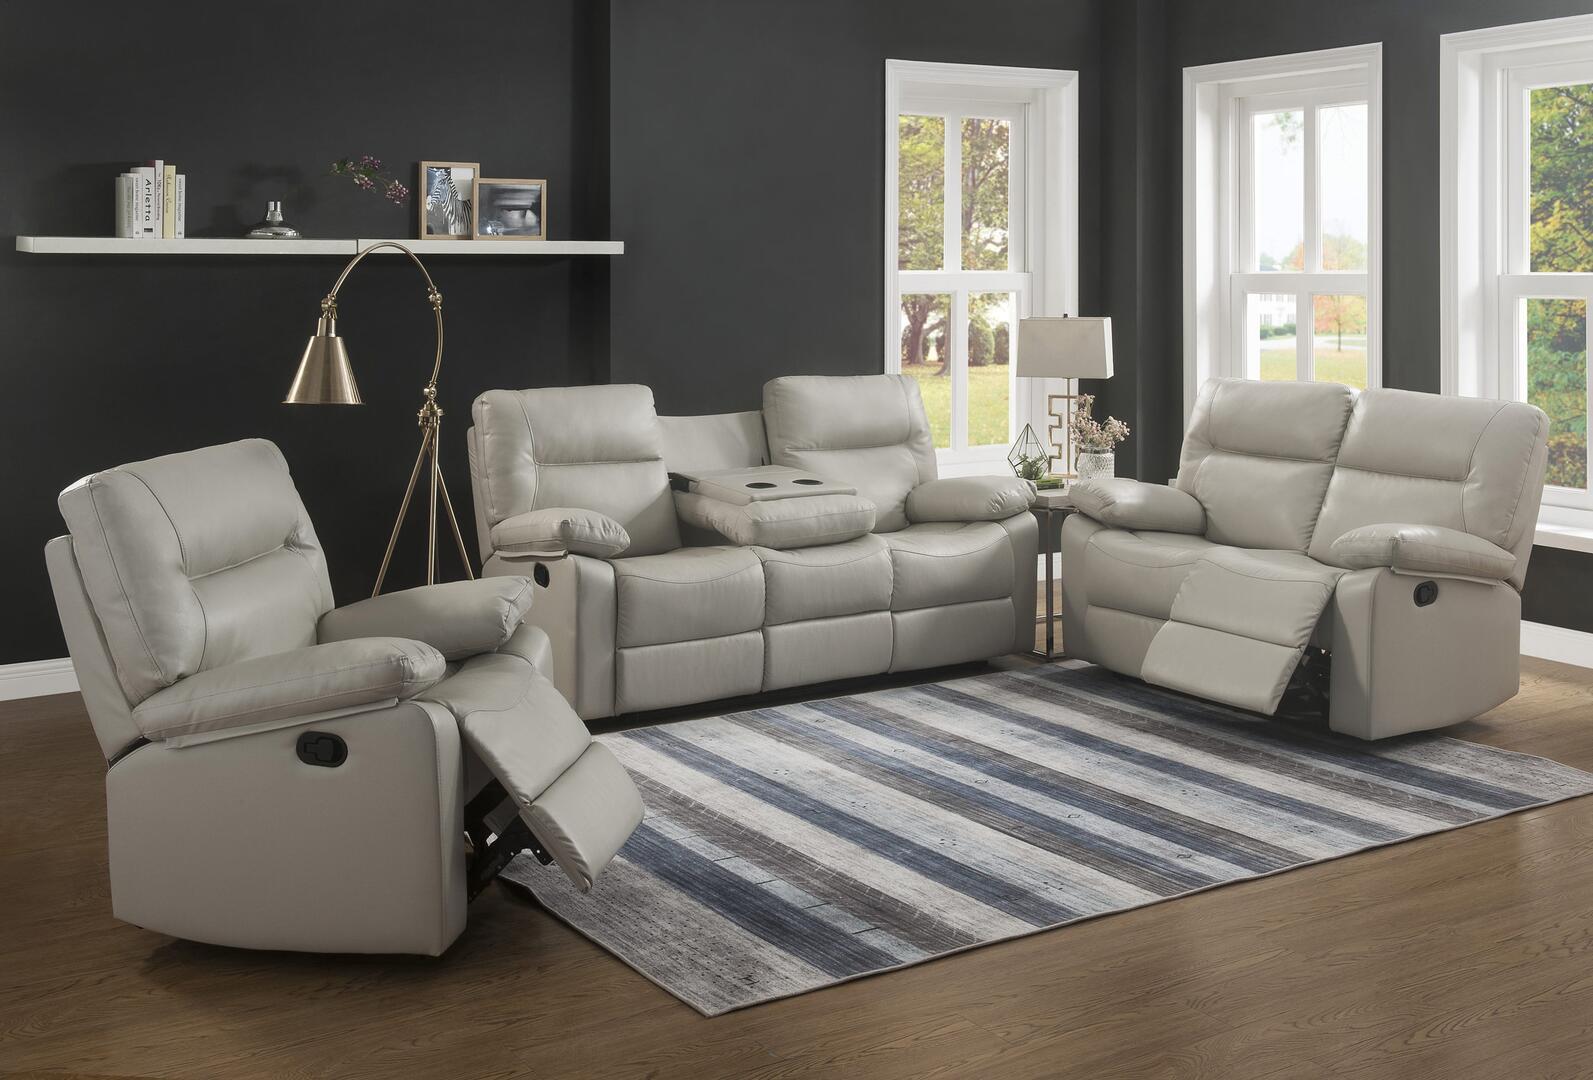 Myco Furniture 2050SLCIV Kenzie Living Room Sets | Appliances Connection